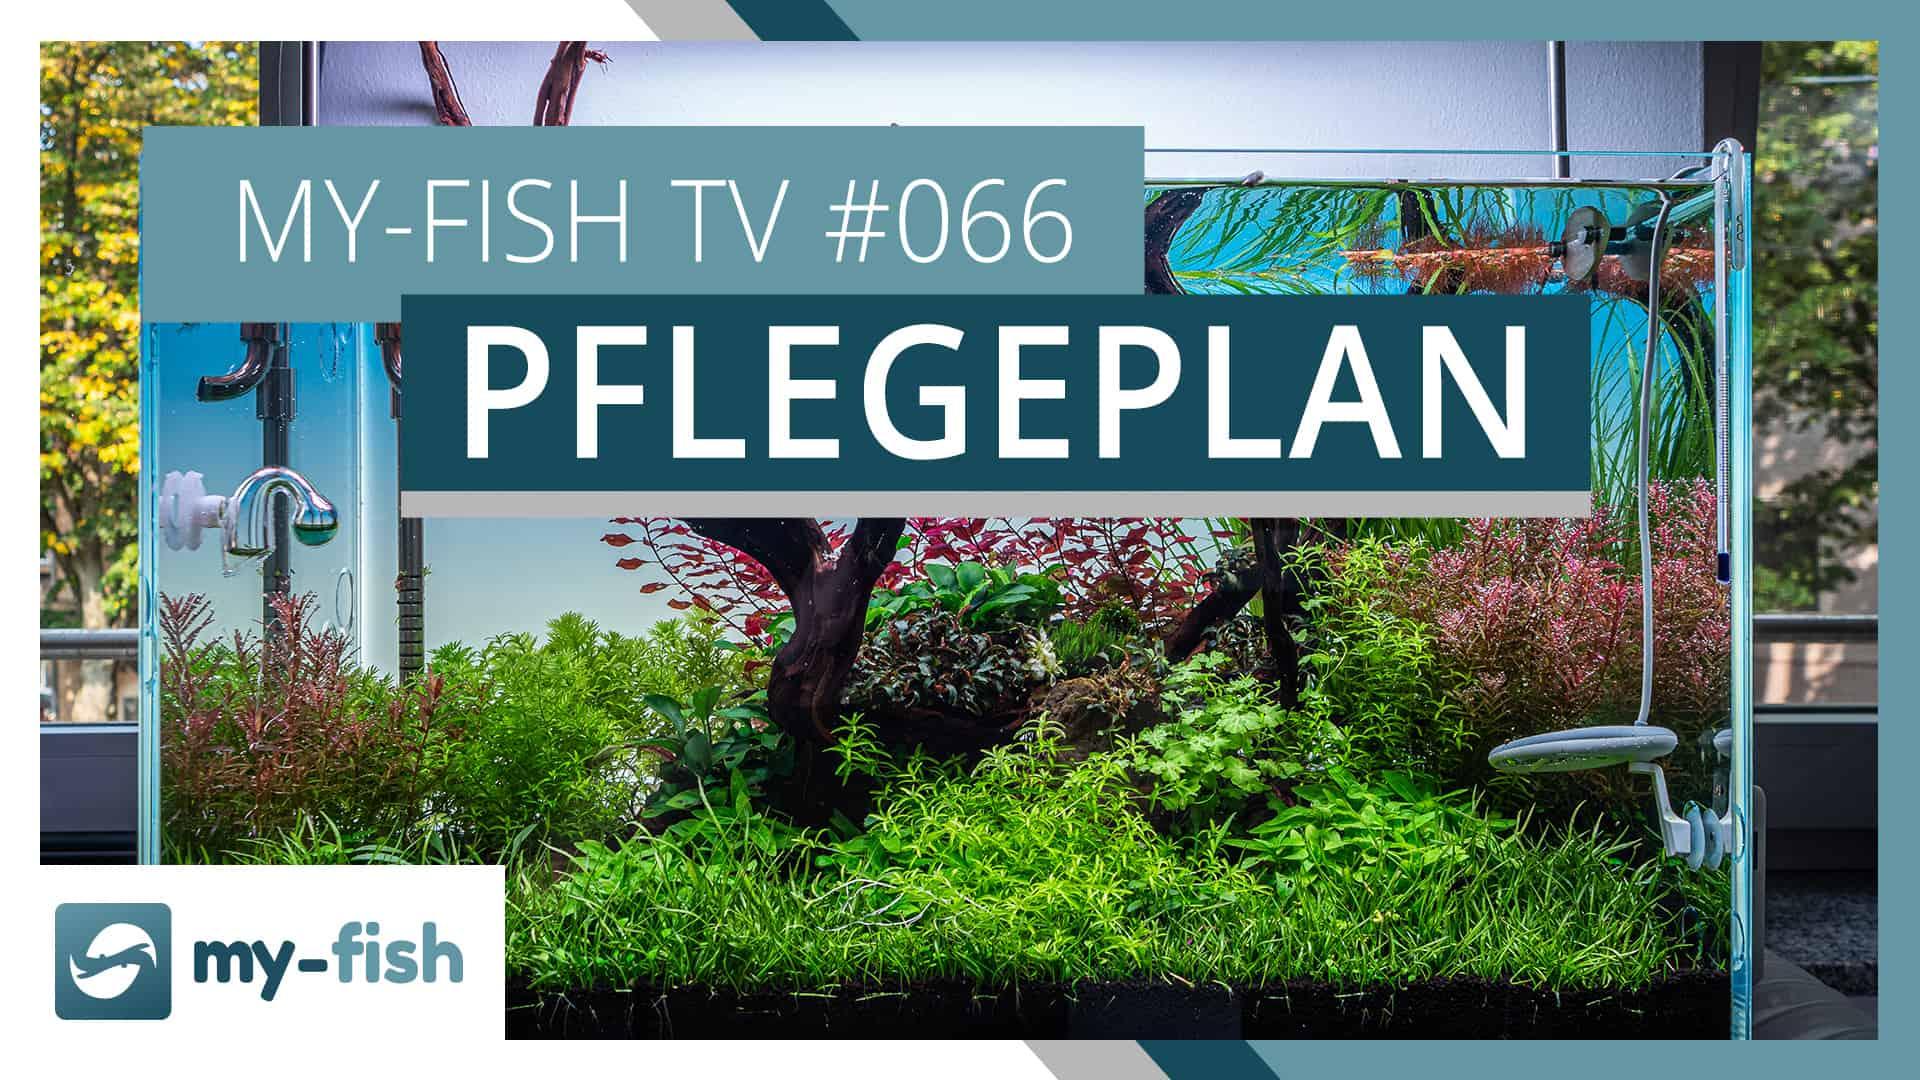 my-fish TV: Allgemeiner Pflegeplan für dein Aquarium